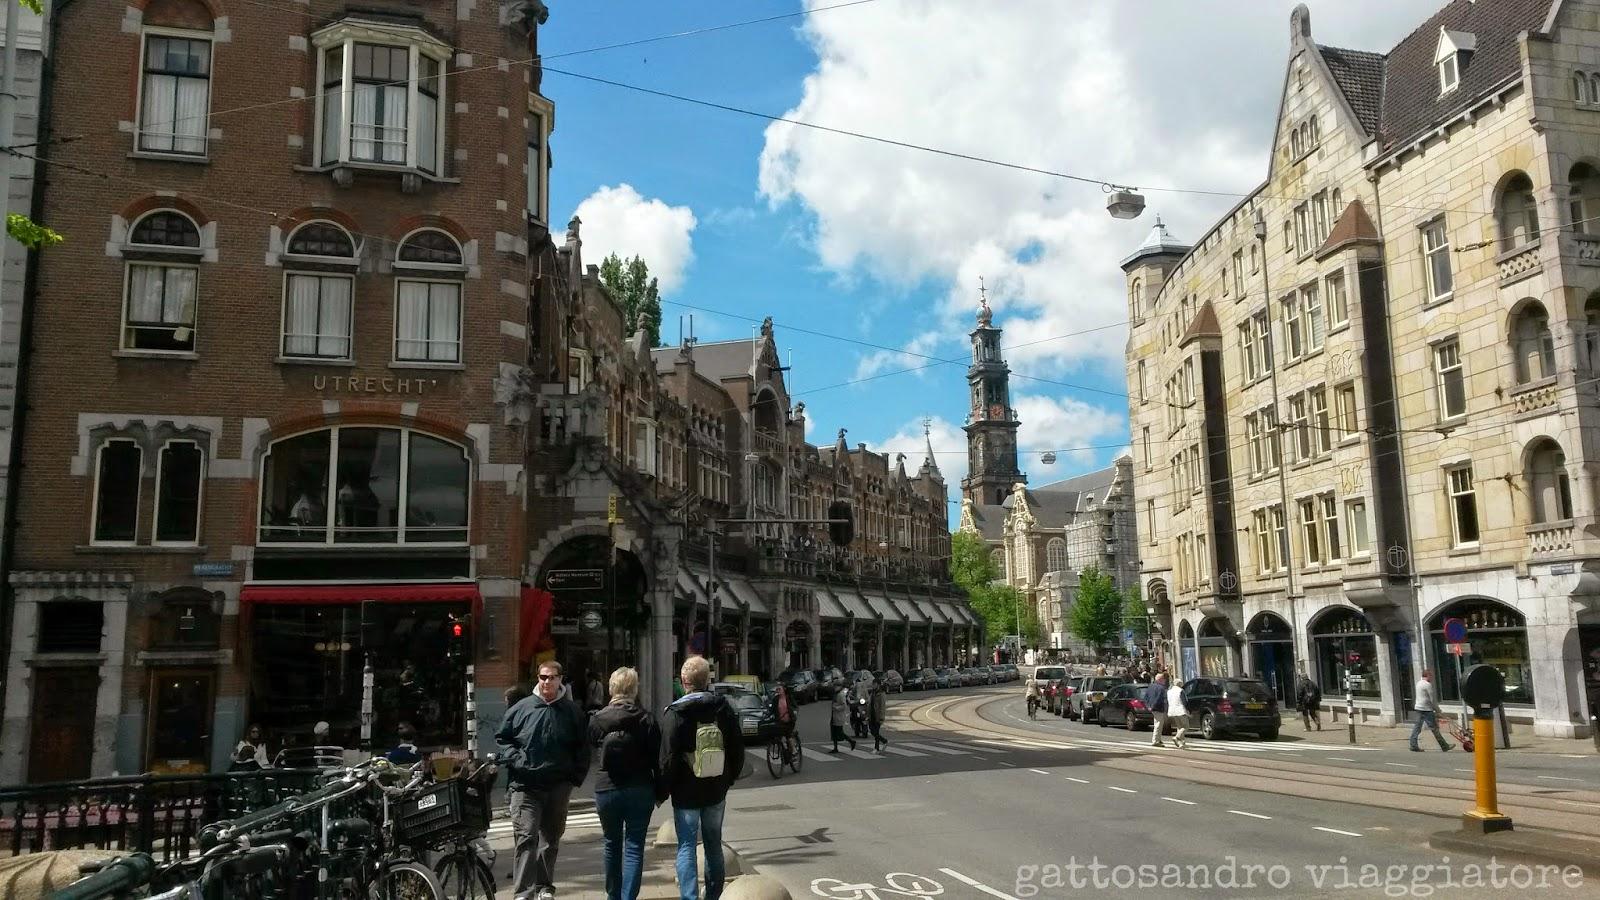 Utrechtstraat (Amsterdam)